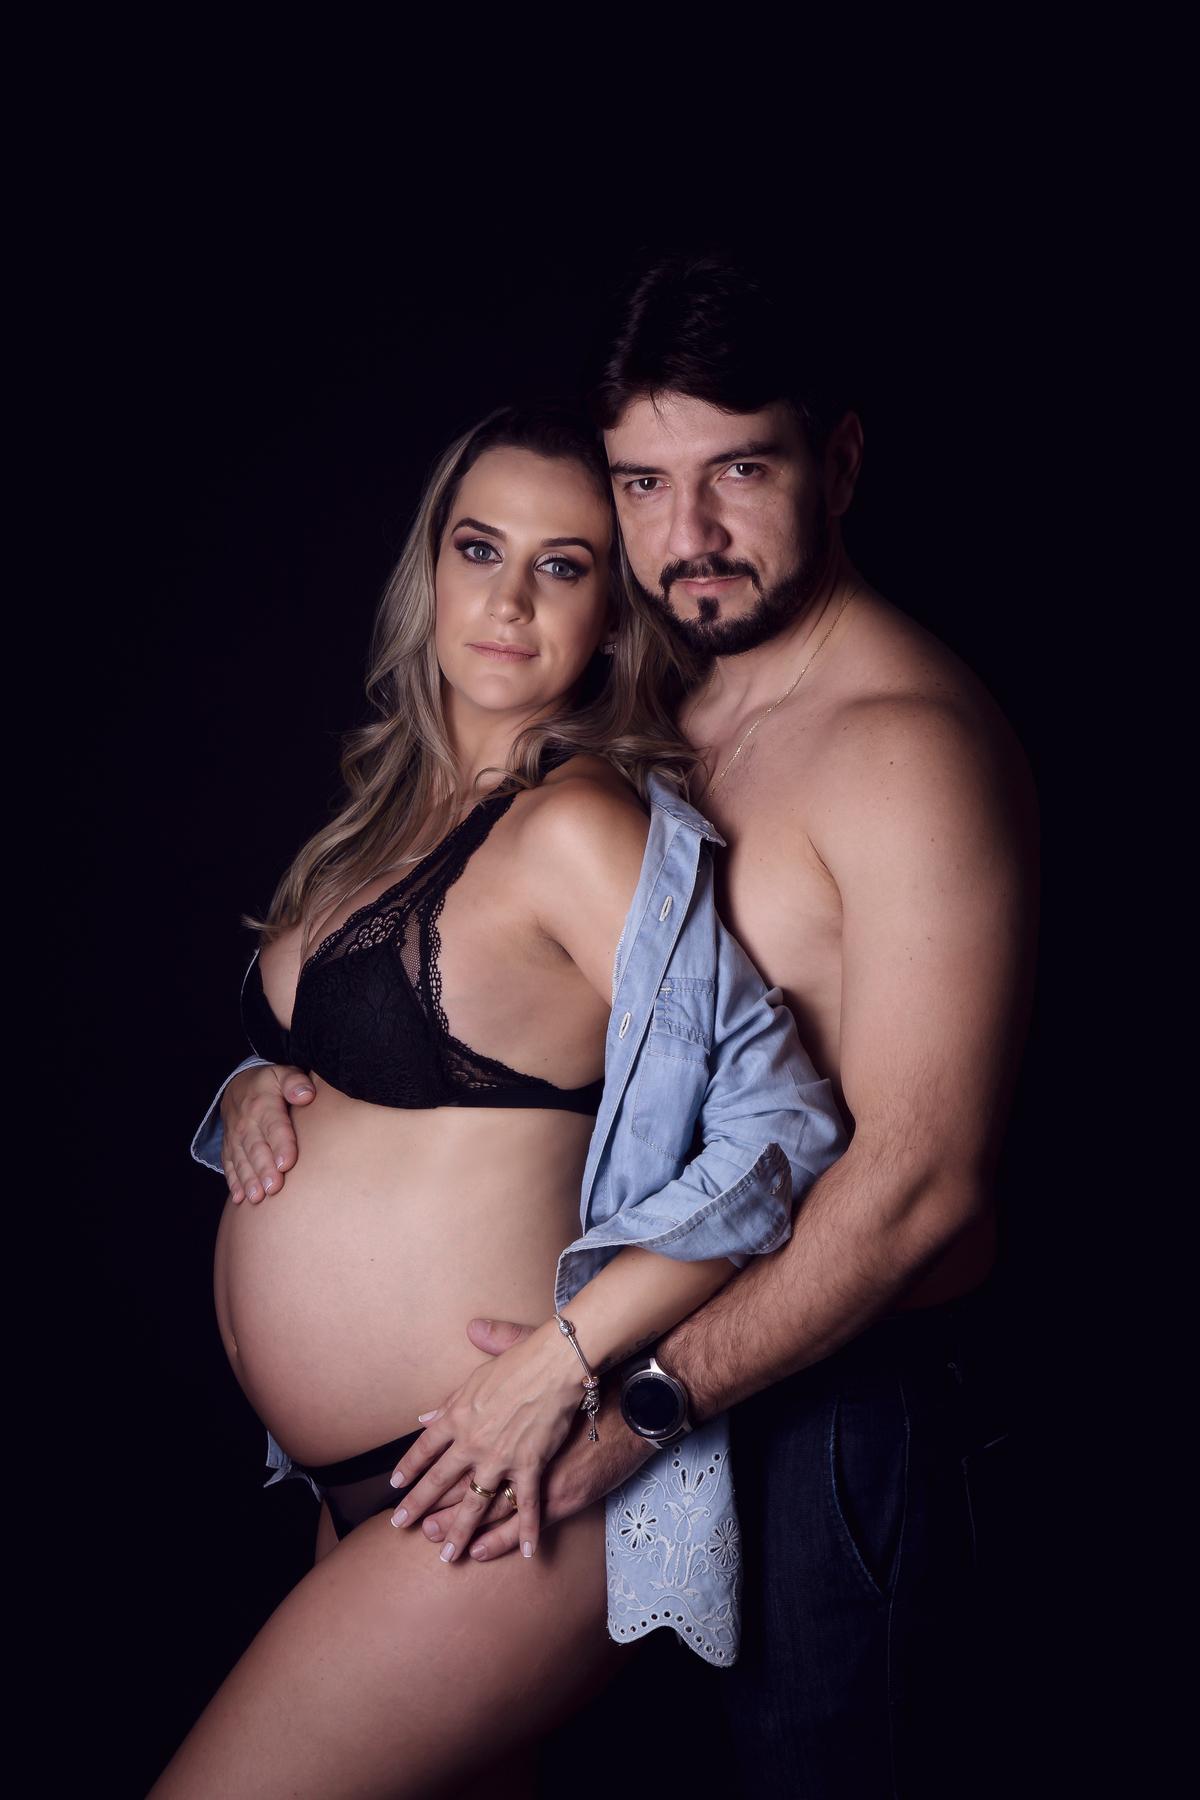 Gestante e marido em ensaio de casal, foto minimalista, editorial em estudio Brasilia DF